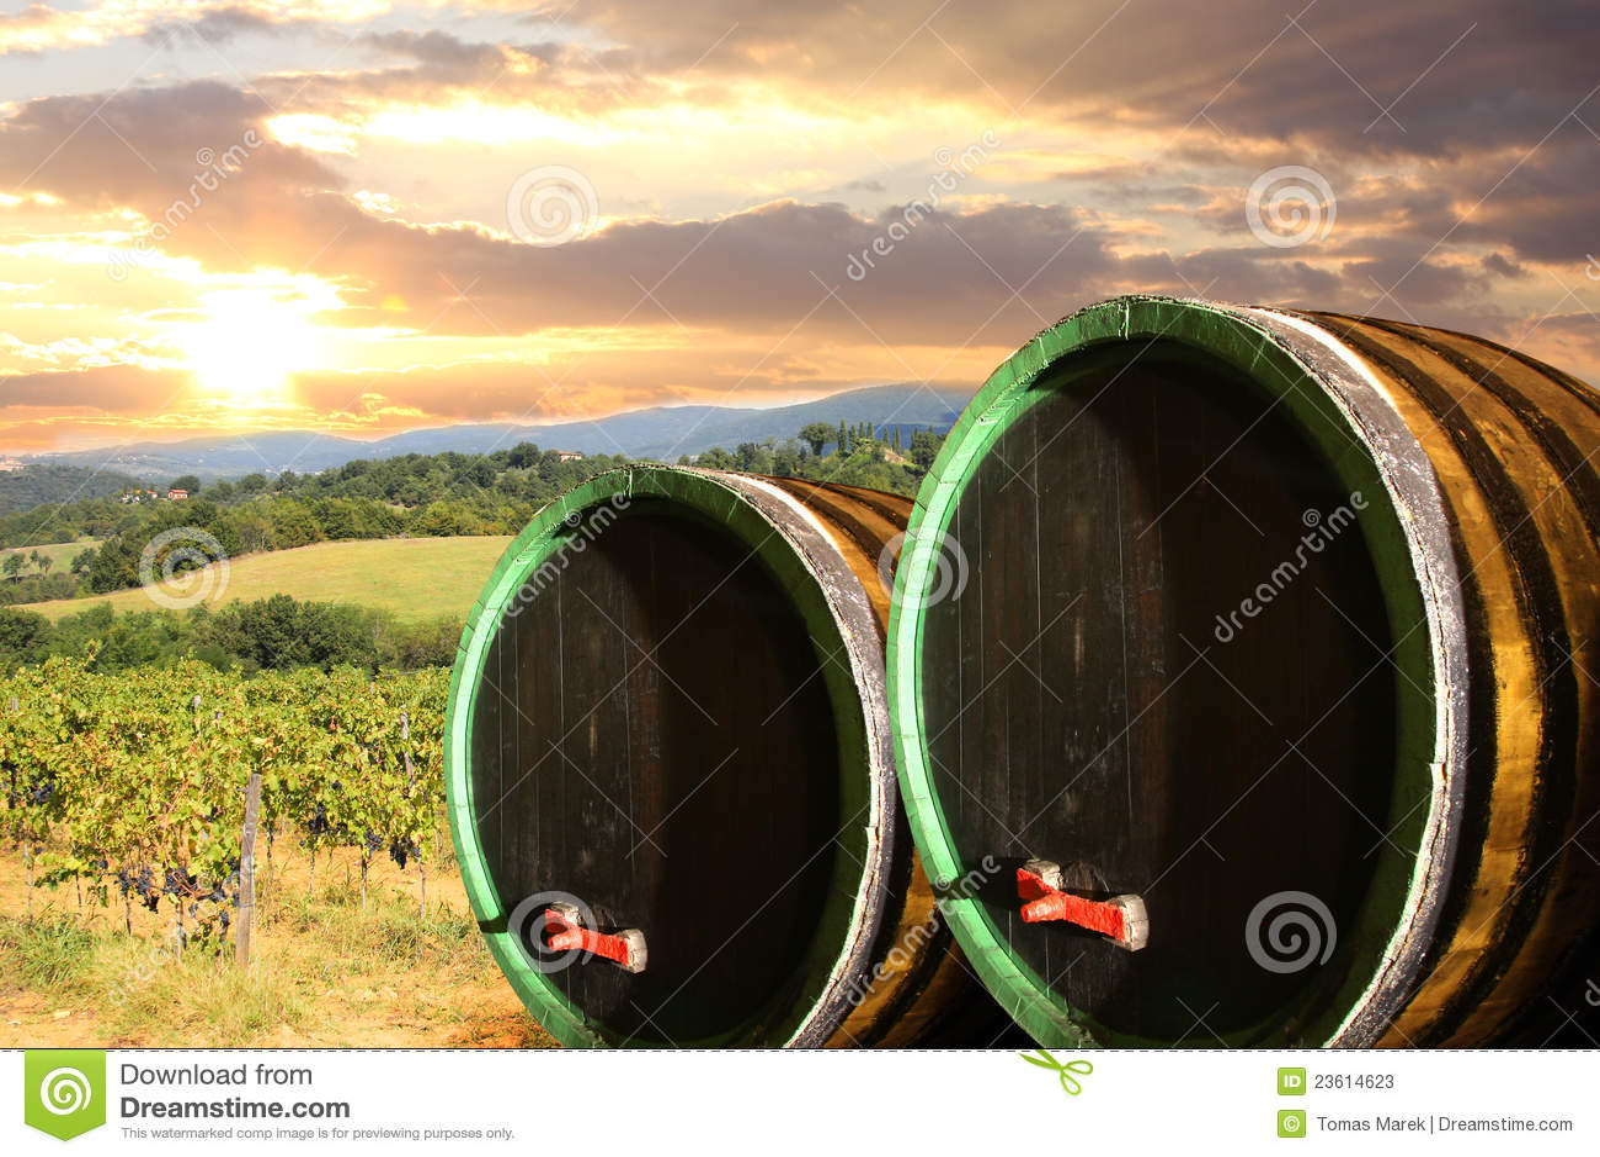 Barells κρασί αμπελώνων της Τοσκάνης chianti